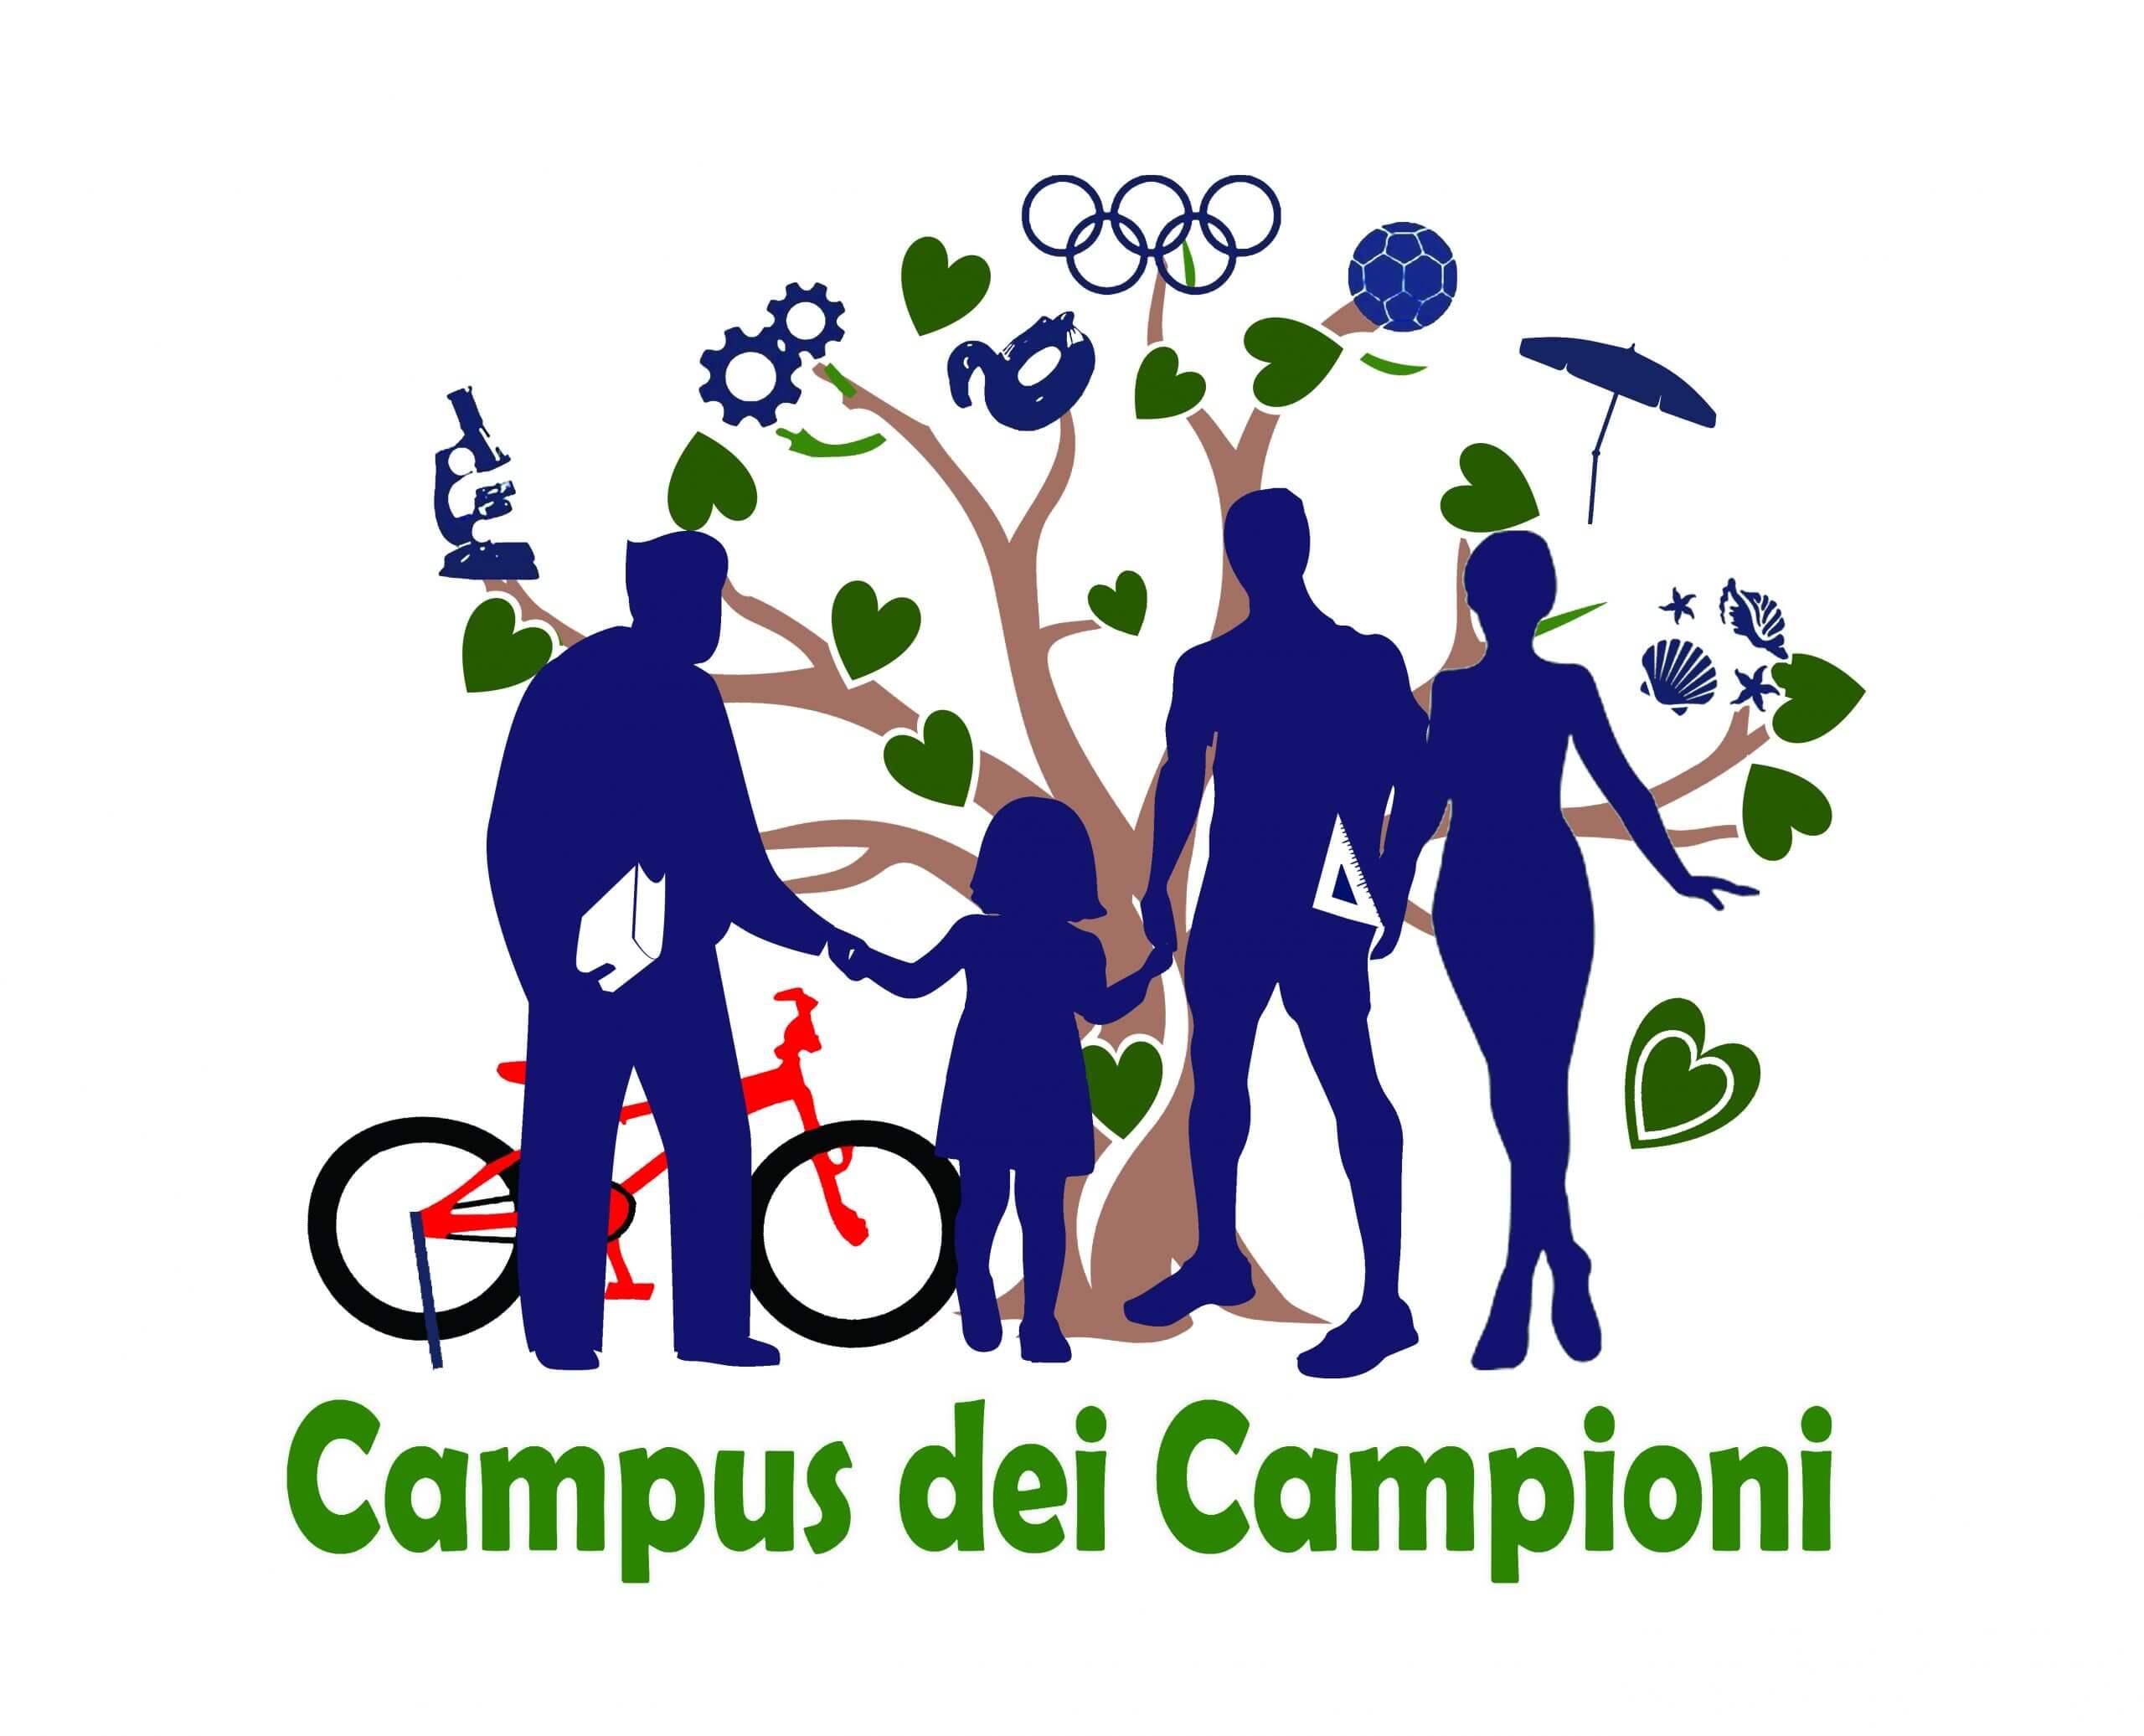 Campus Dei Campioni Vecchio Logo